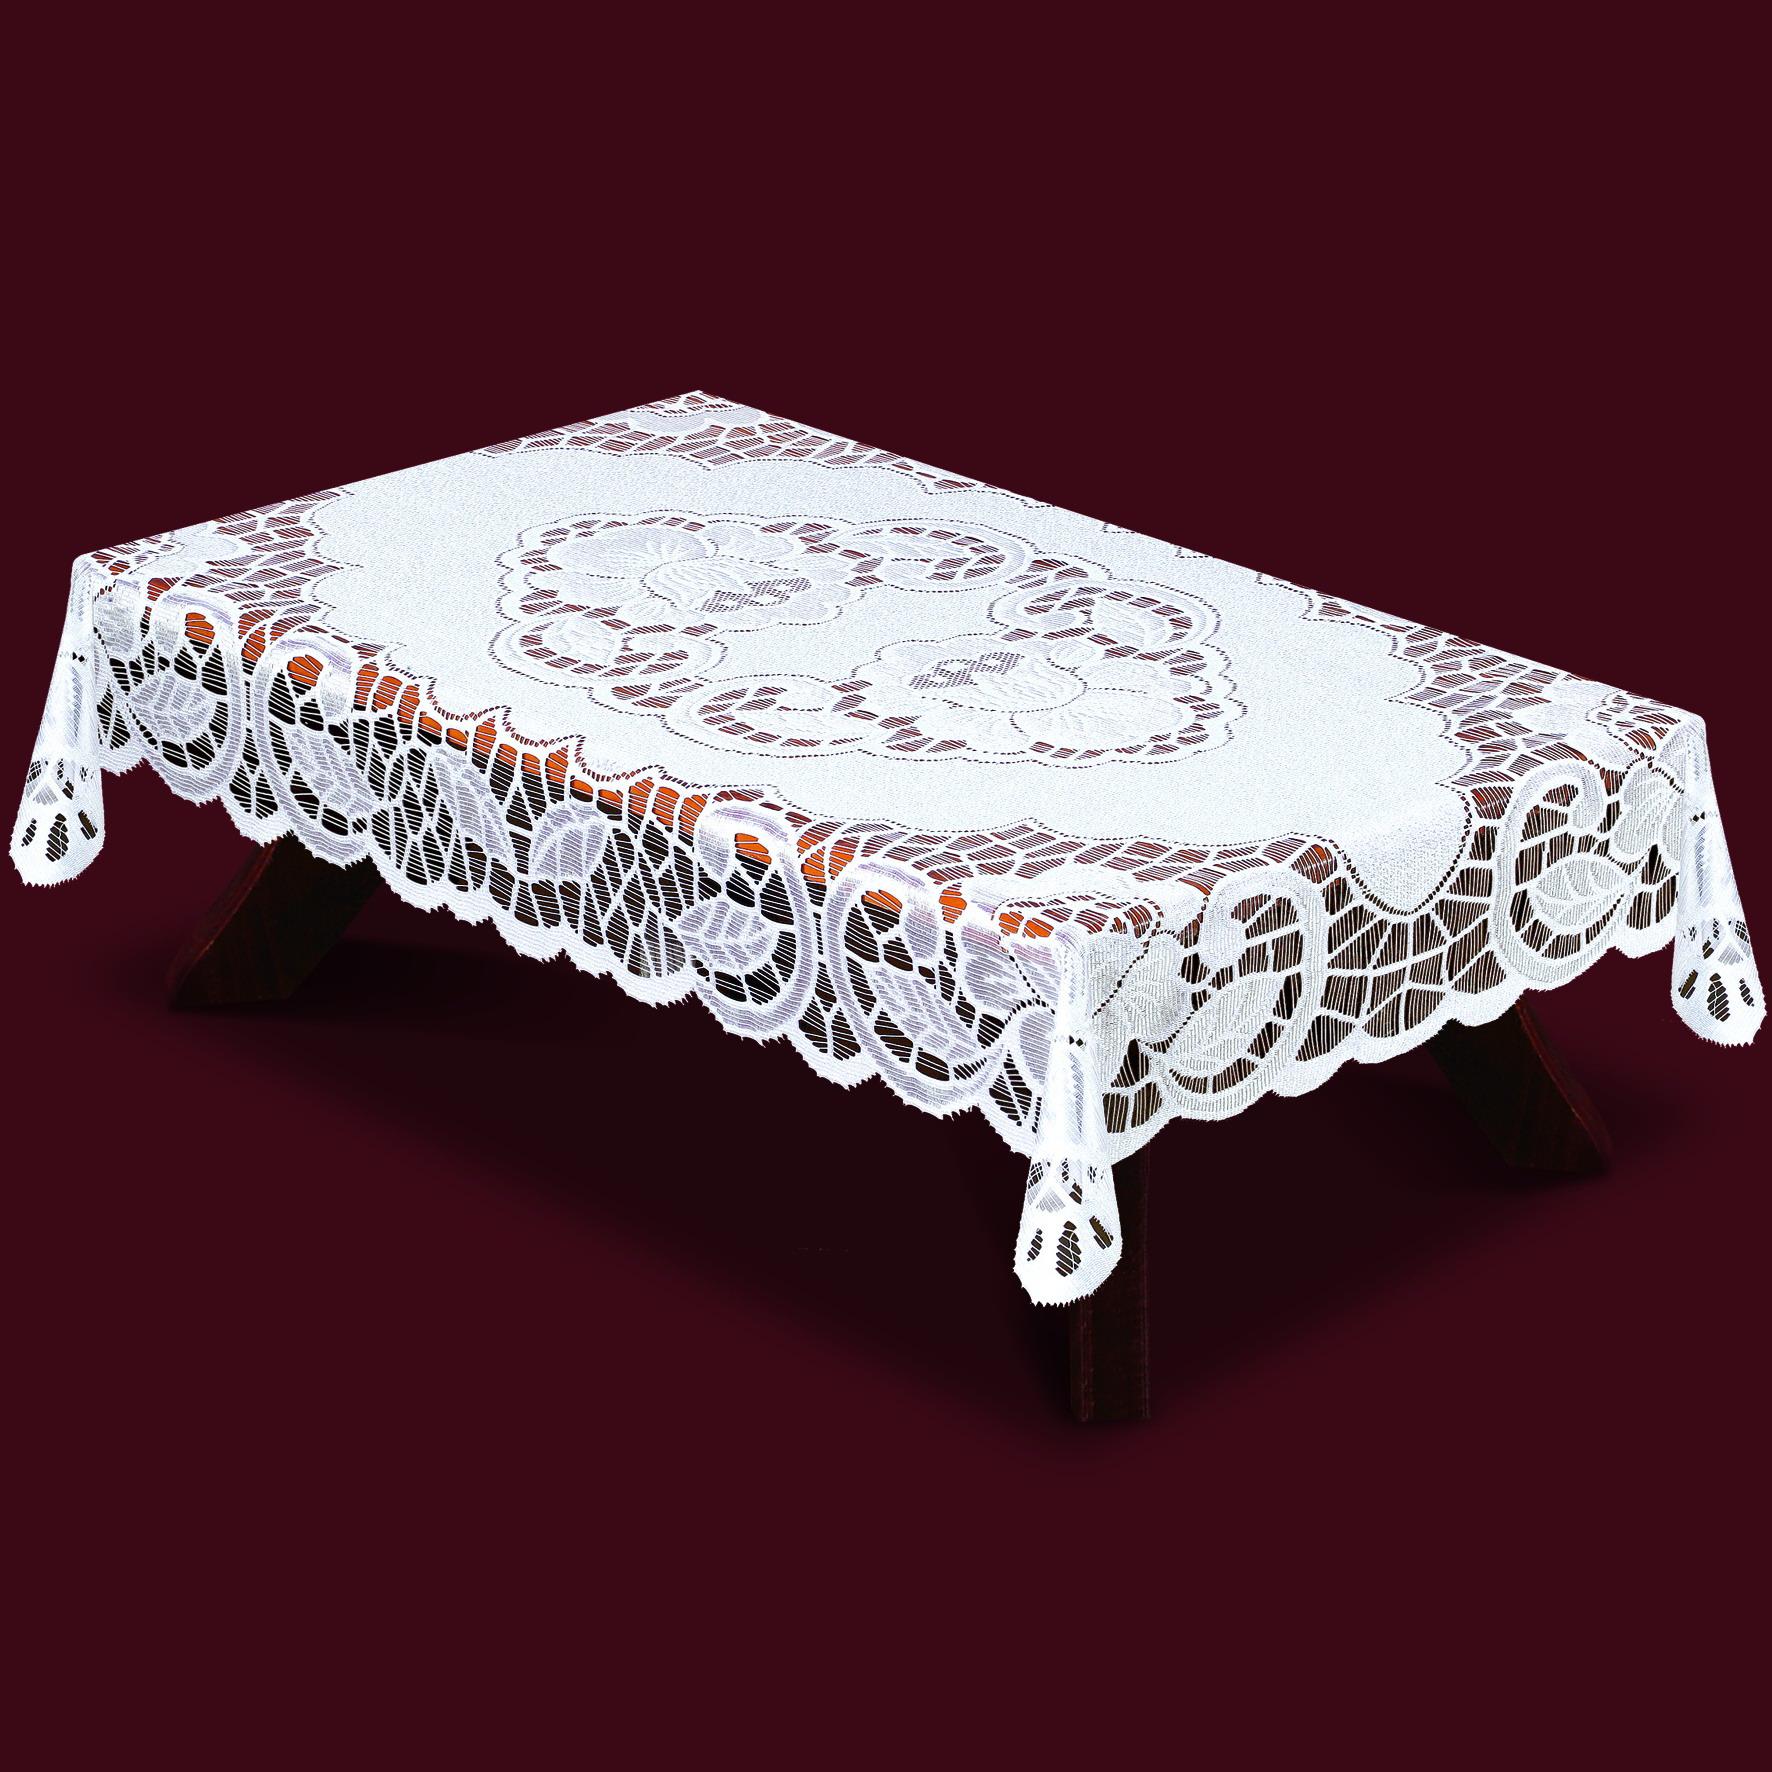 Скатерть Haft Skarb Babuni, прямоугольная, цвет: белый, 120 x 160 см. 38850/12038850/120Великолепная прямоугольная скатерть Haft Skarb Babuni, выполненная из 100% полиэстера, органично впишется в интерьер любого помещения, а оригинальный дизайн удовлетворит даже самый изысканный вкус. Скатерть изготовлена из сетчатого материала с ажурным орнаментом по краям и по центру. Скатерть Haft Skarb Babuni создаст праздничное настроение и станет прекрасным дополнением интерьера гостиной, кухни или столовой.